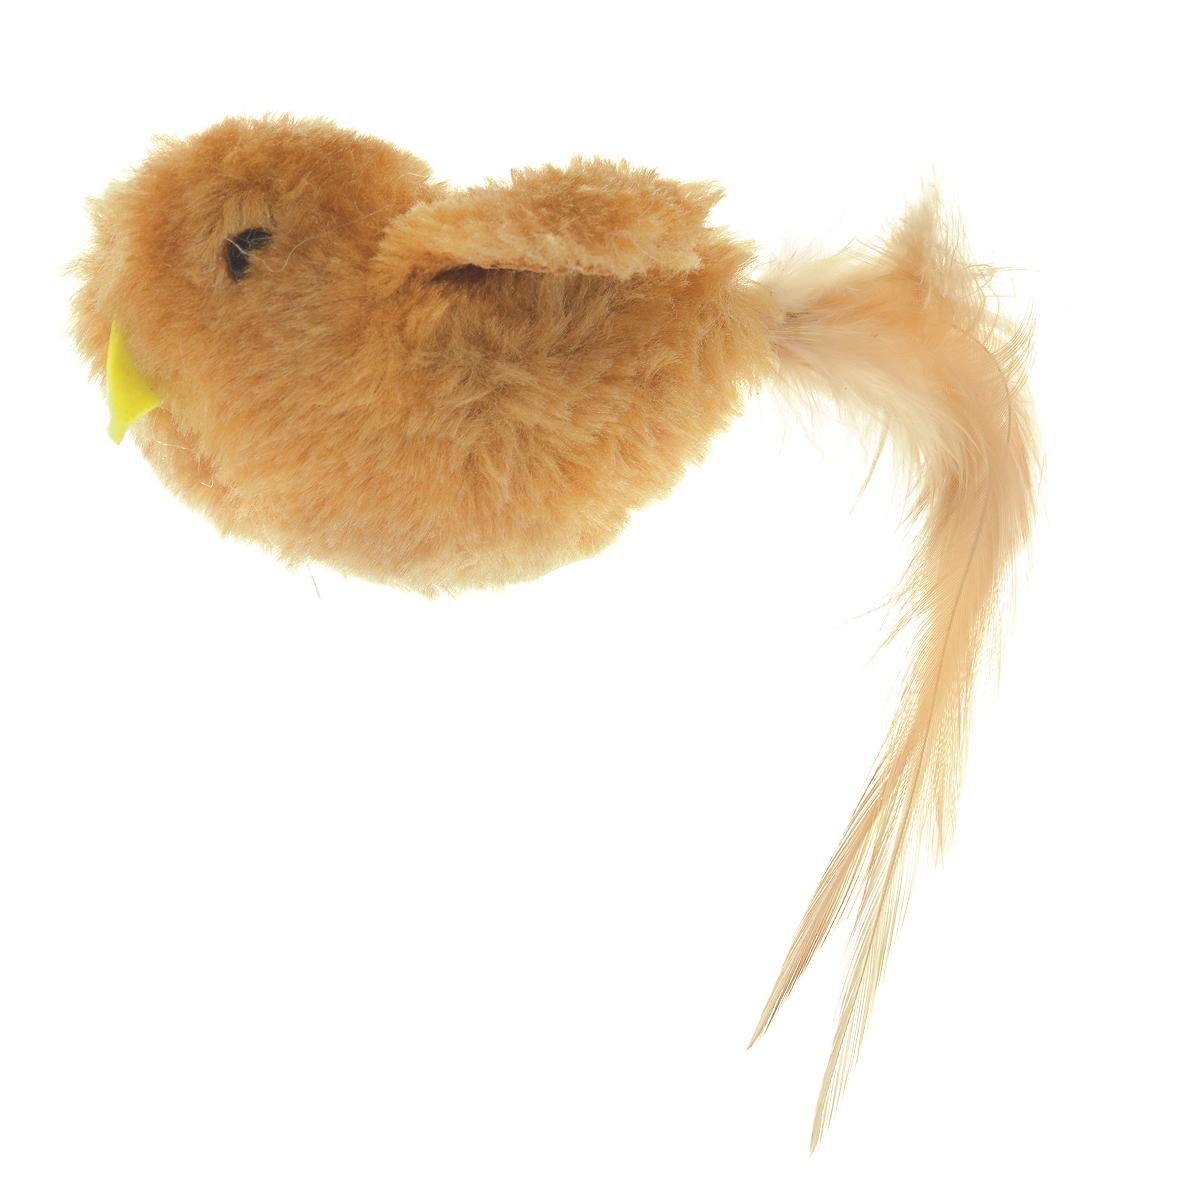 Игрушка для кошки V.I.Pet Птичка, с мятой, цвет: коричневыйC-103Игрушка V.I.Pet Птичка, изготовленная из текстиля, наполнена кошачьей мятой(котовником) - растением, запах которого делает кошку болееигривой. Очень агрессивные кошки становятся спокойными и уравновешенными.С помощью этой игрушки кошка легко перенесет путешествие наавтомобиле, посещение ветеринарного врача или переезд животного на новуюквартиру.